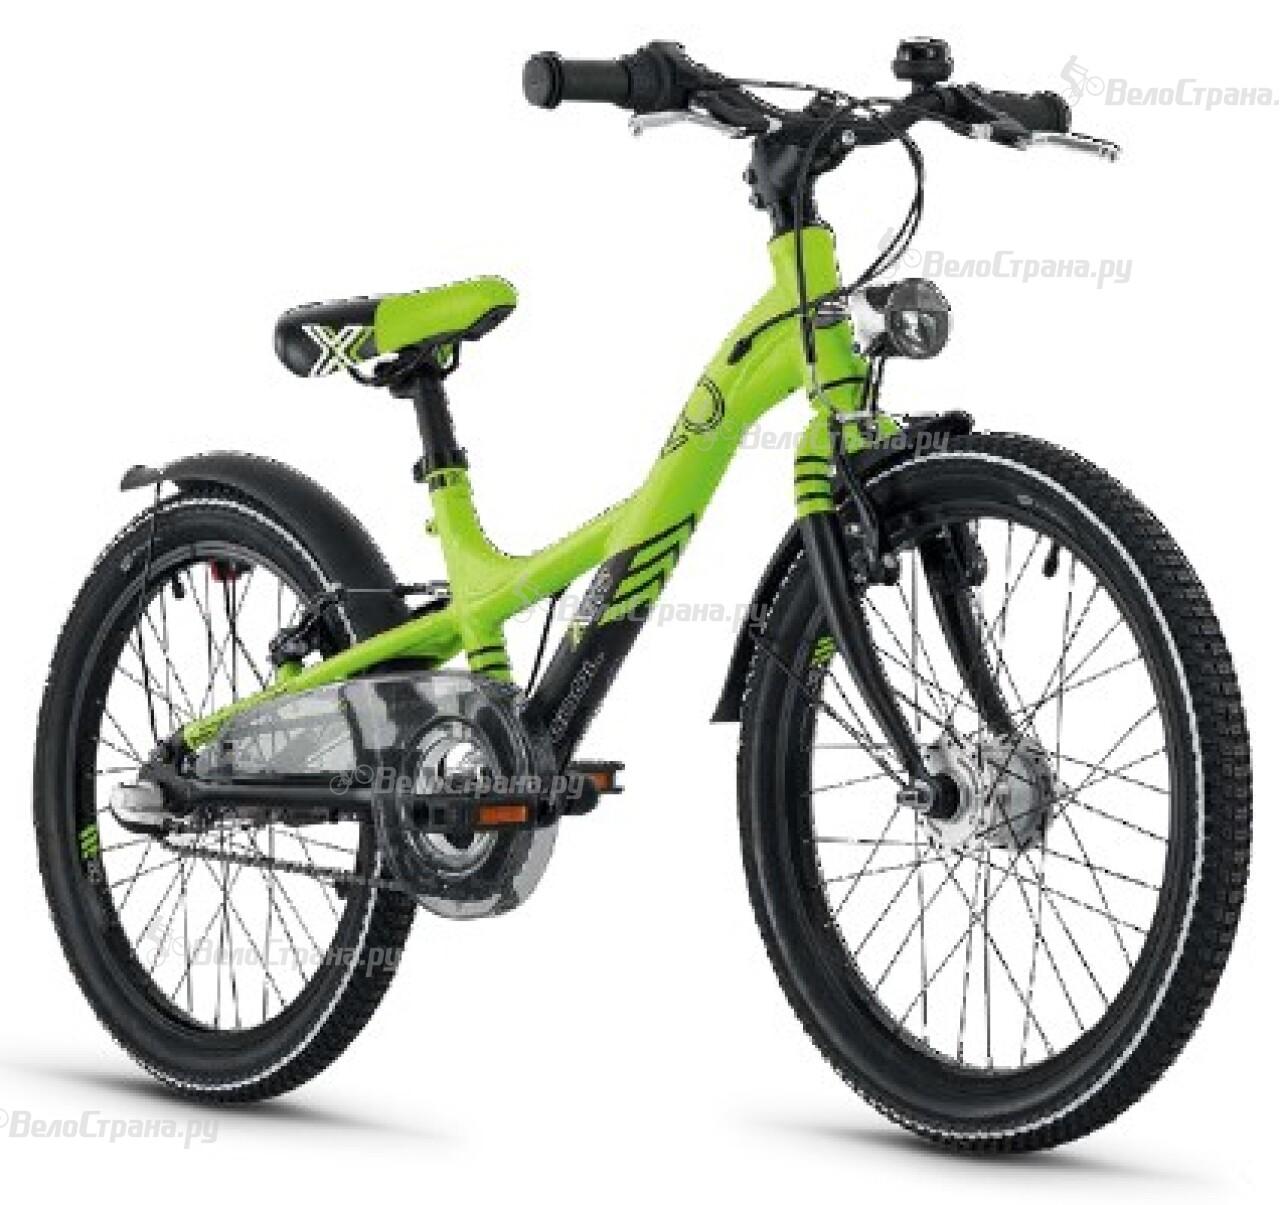 Велосипед Scool XX lite 20 3S (2014)